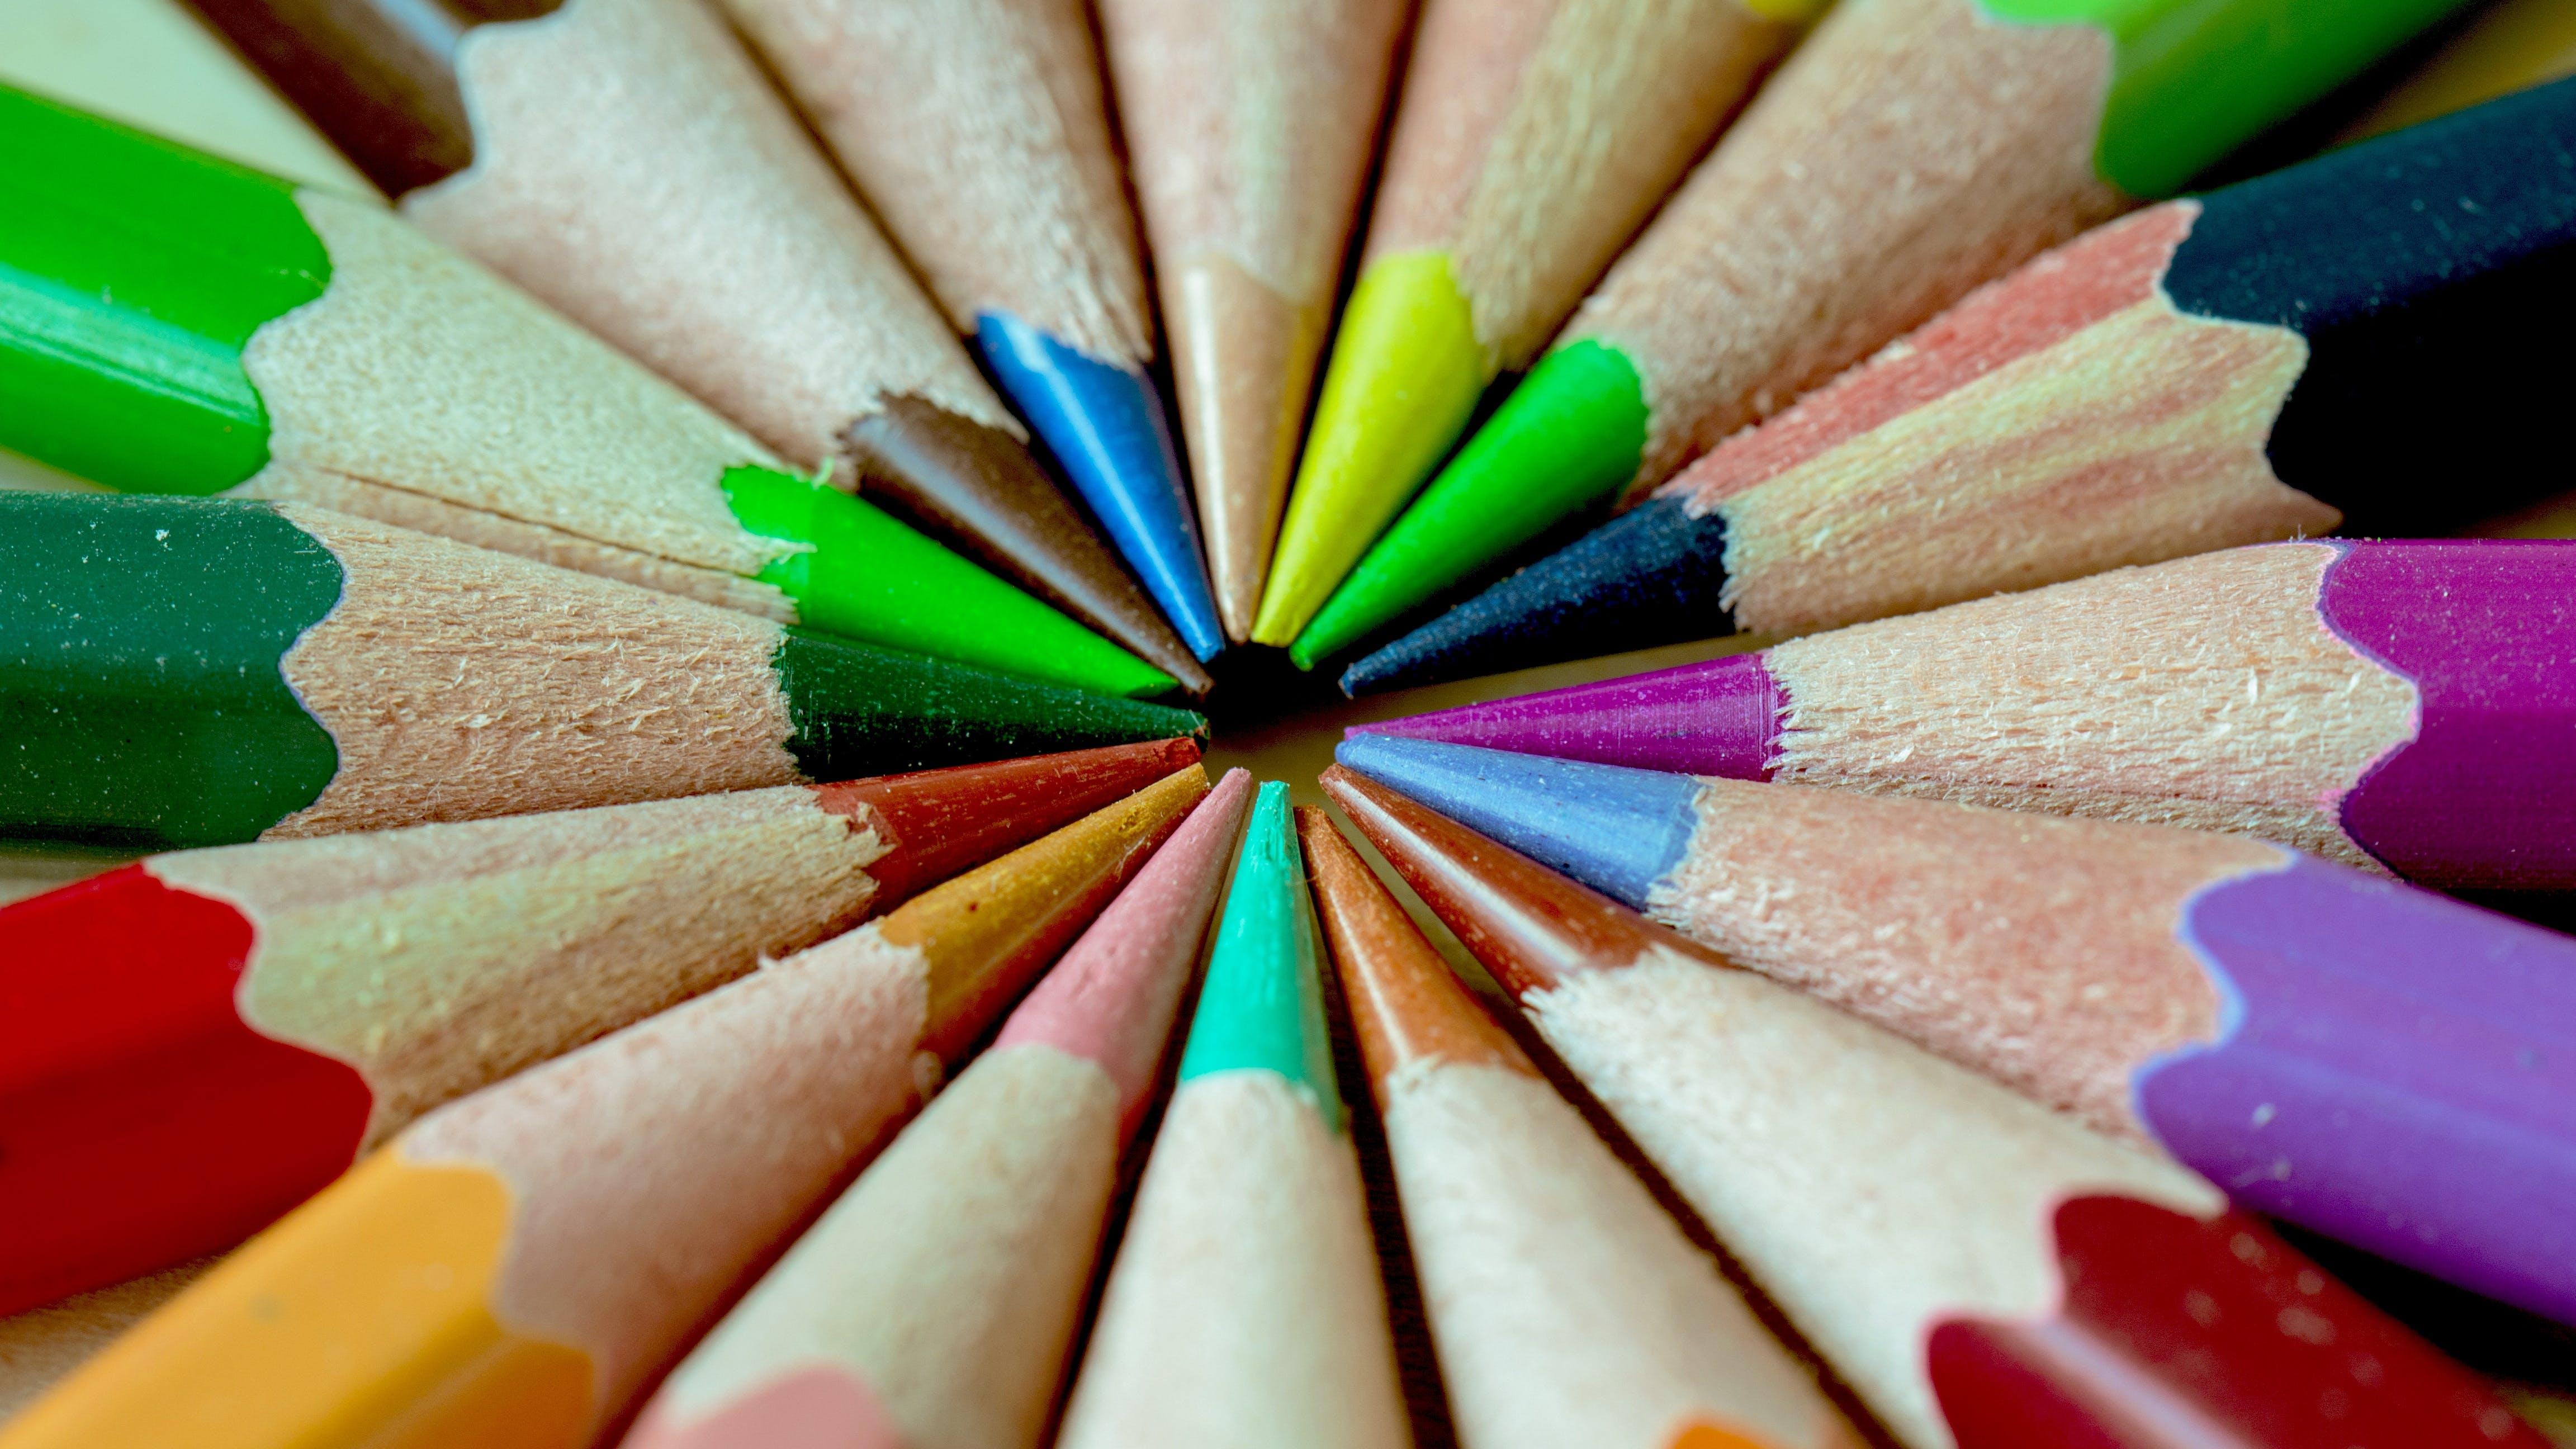 Δωρεάν στοκ φωτογραφιών με αιχμηρός, νηπιαγωγείο, ξύλινα μολύβια, πολύχρωμος